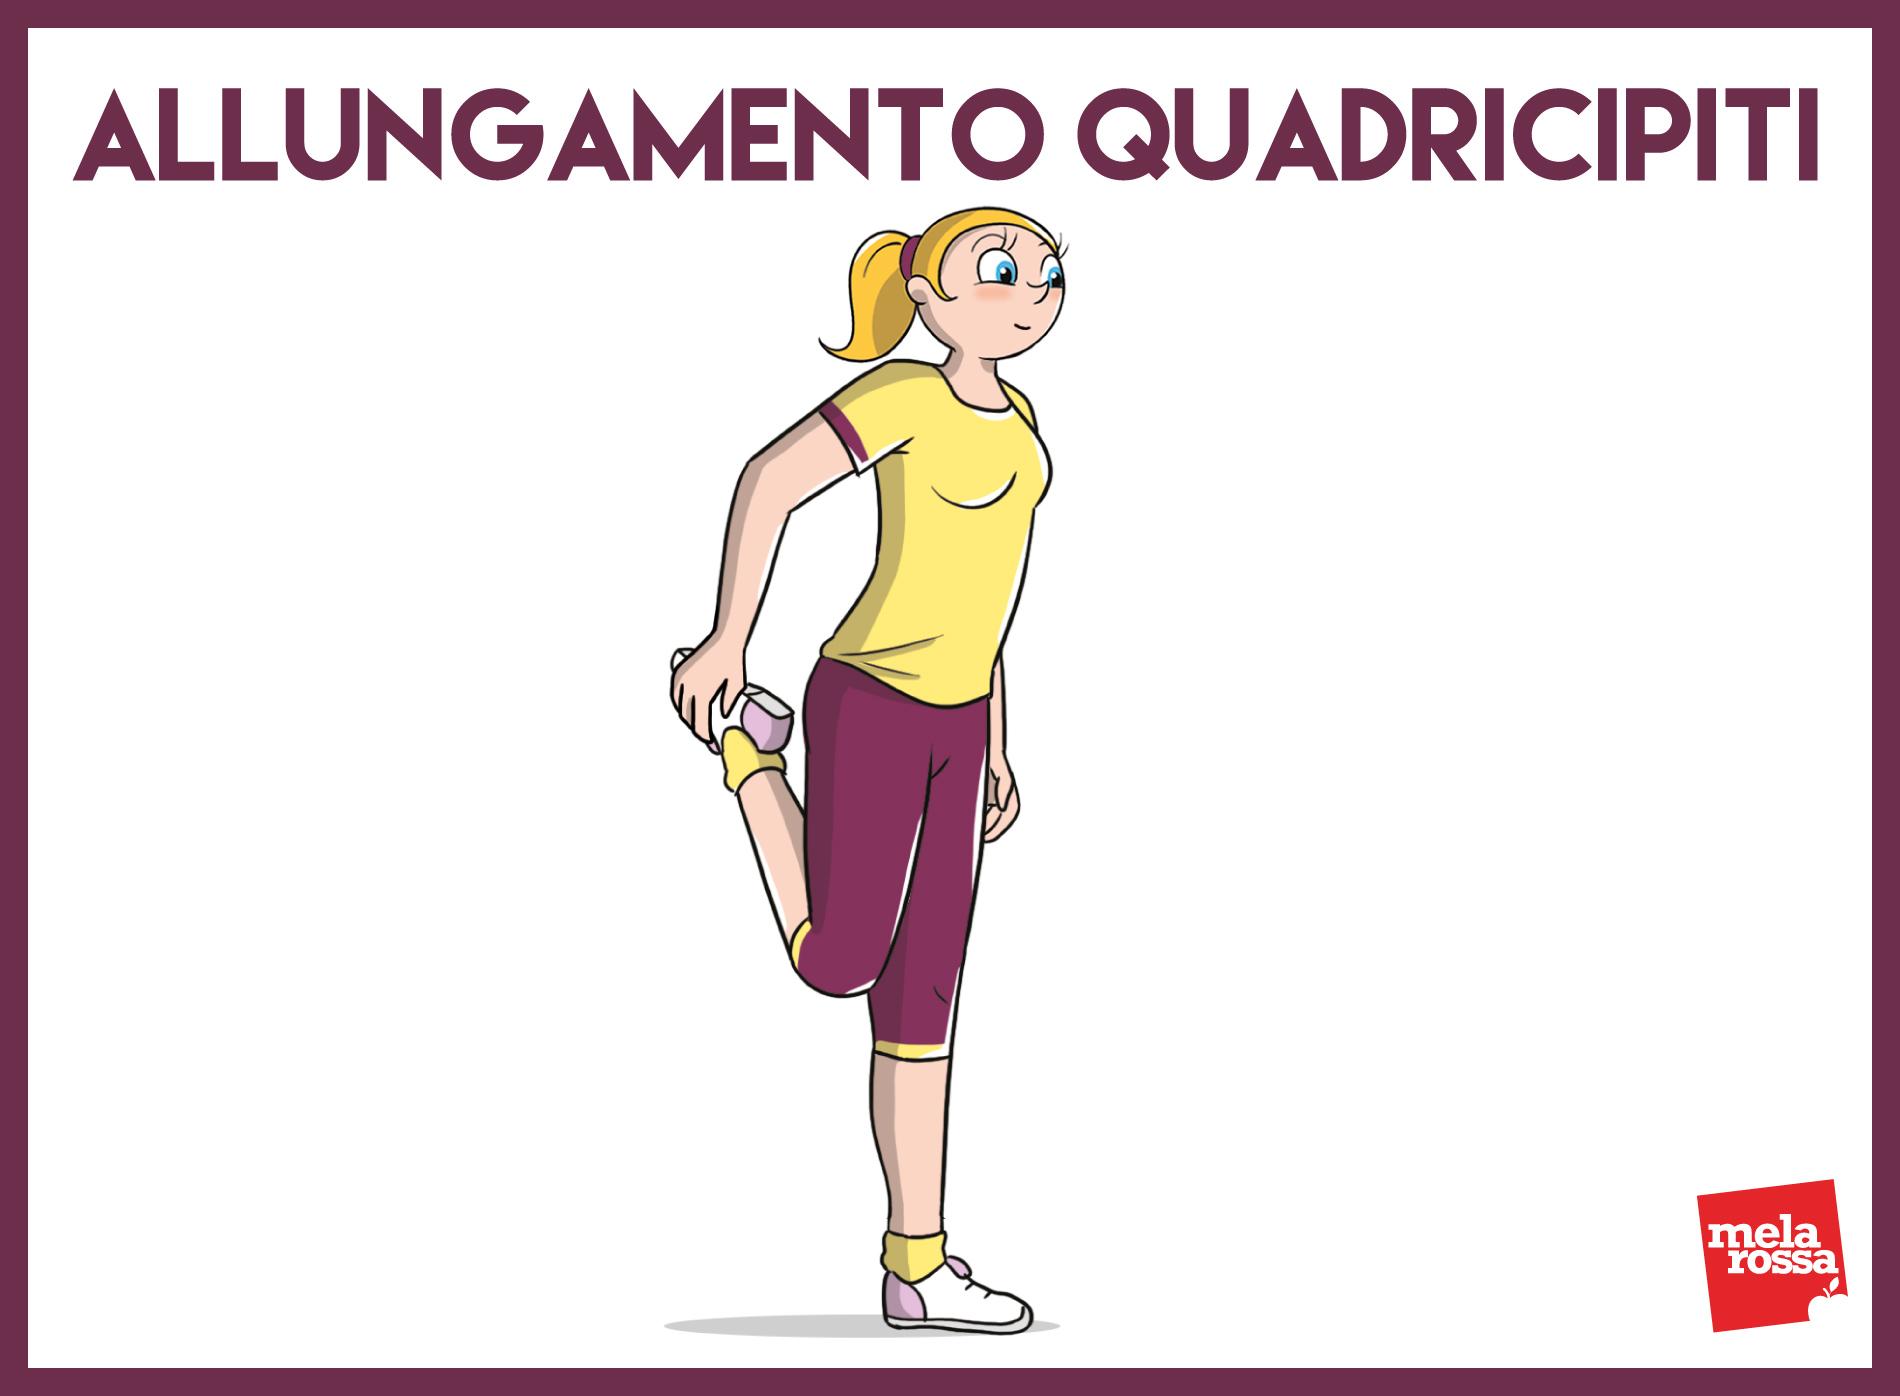 Risveglio muscolare per svegliare i muscoli